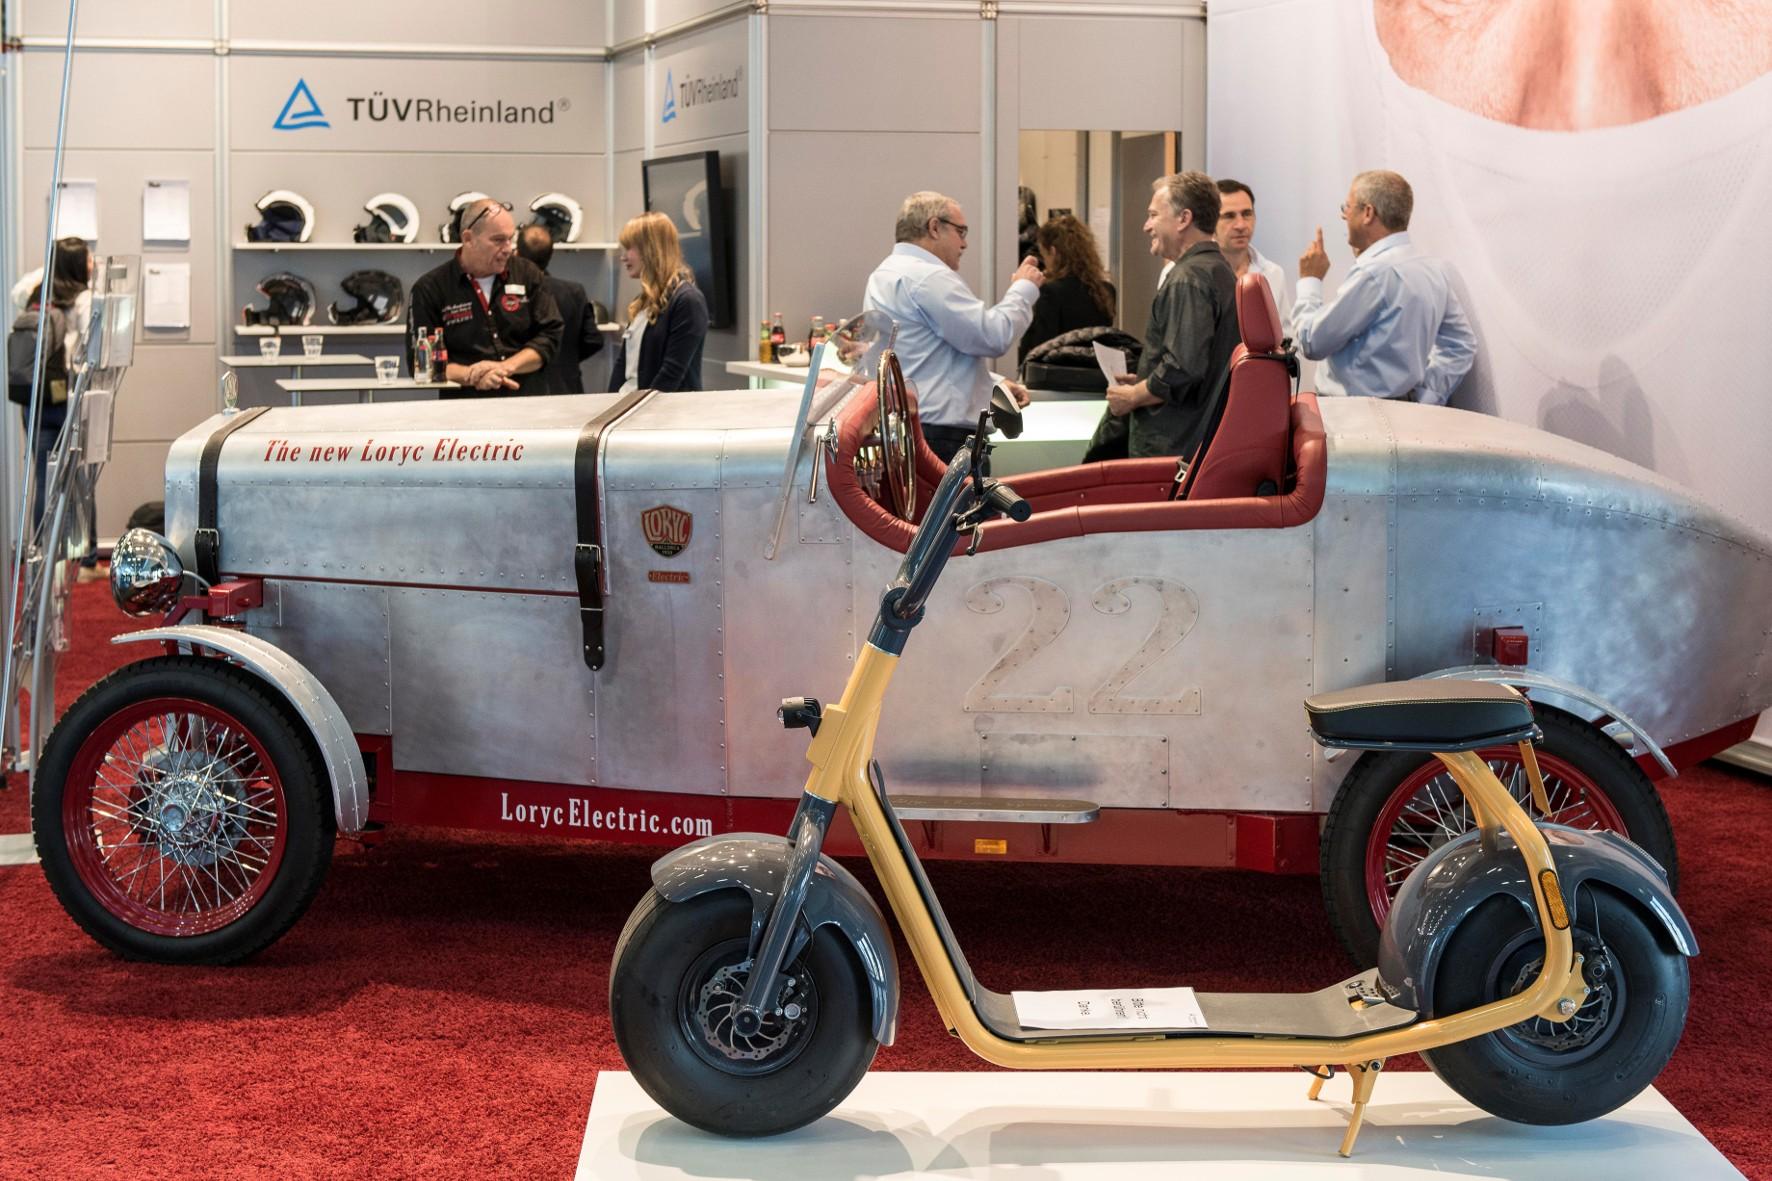 Oldtimer-Outfit: E-Motorrad mit vier Rädern